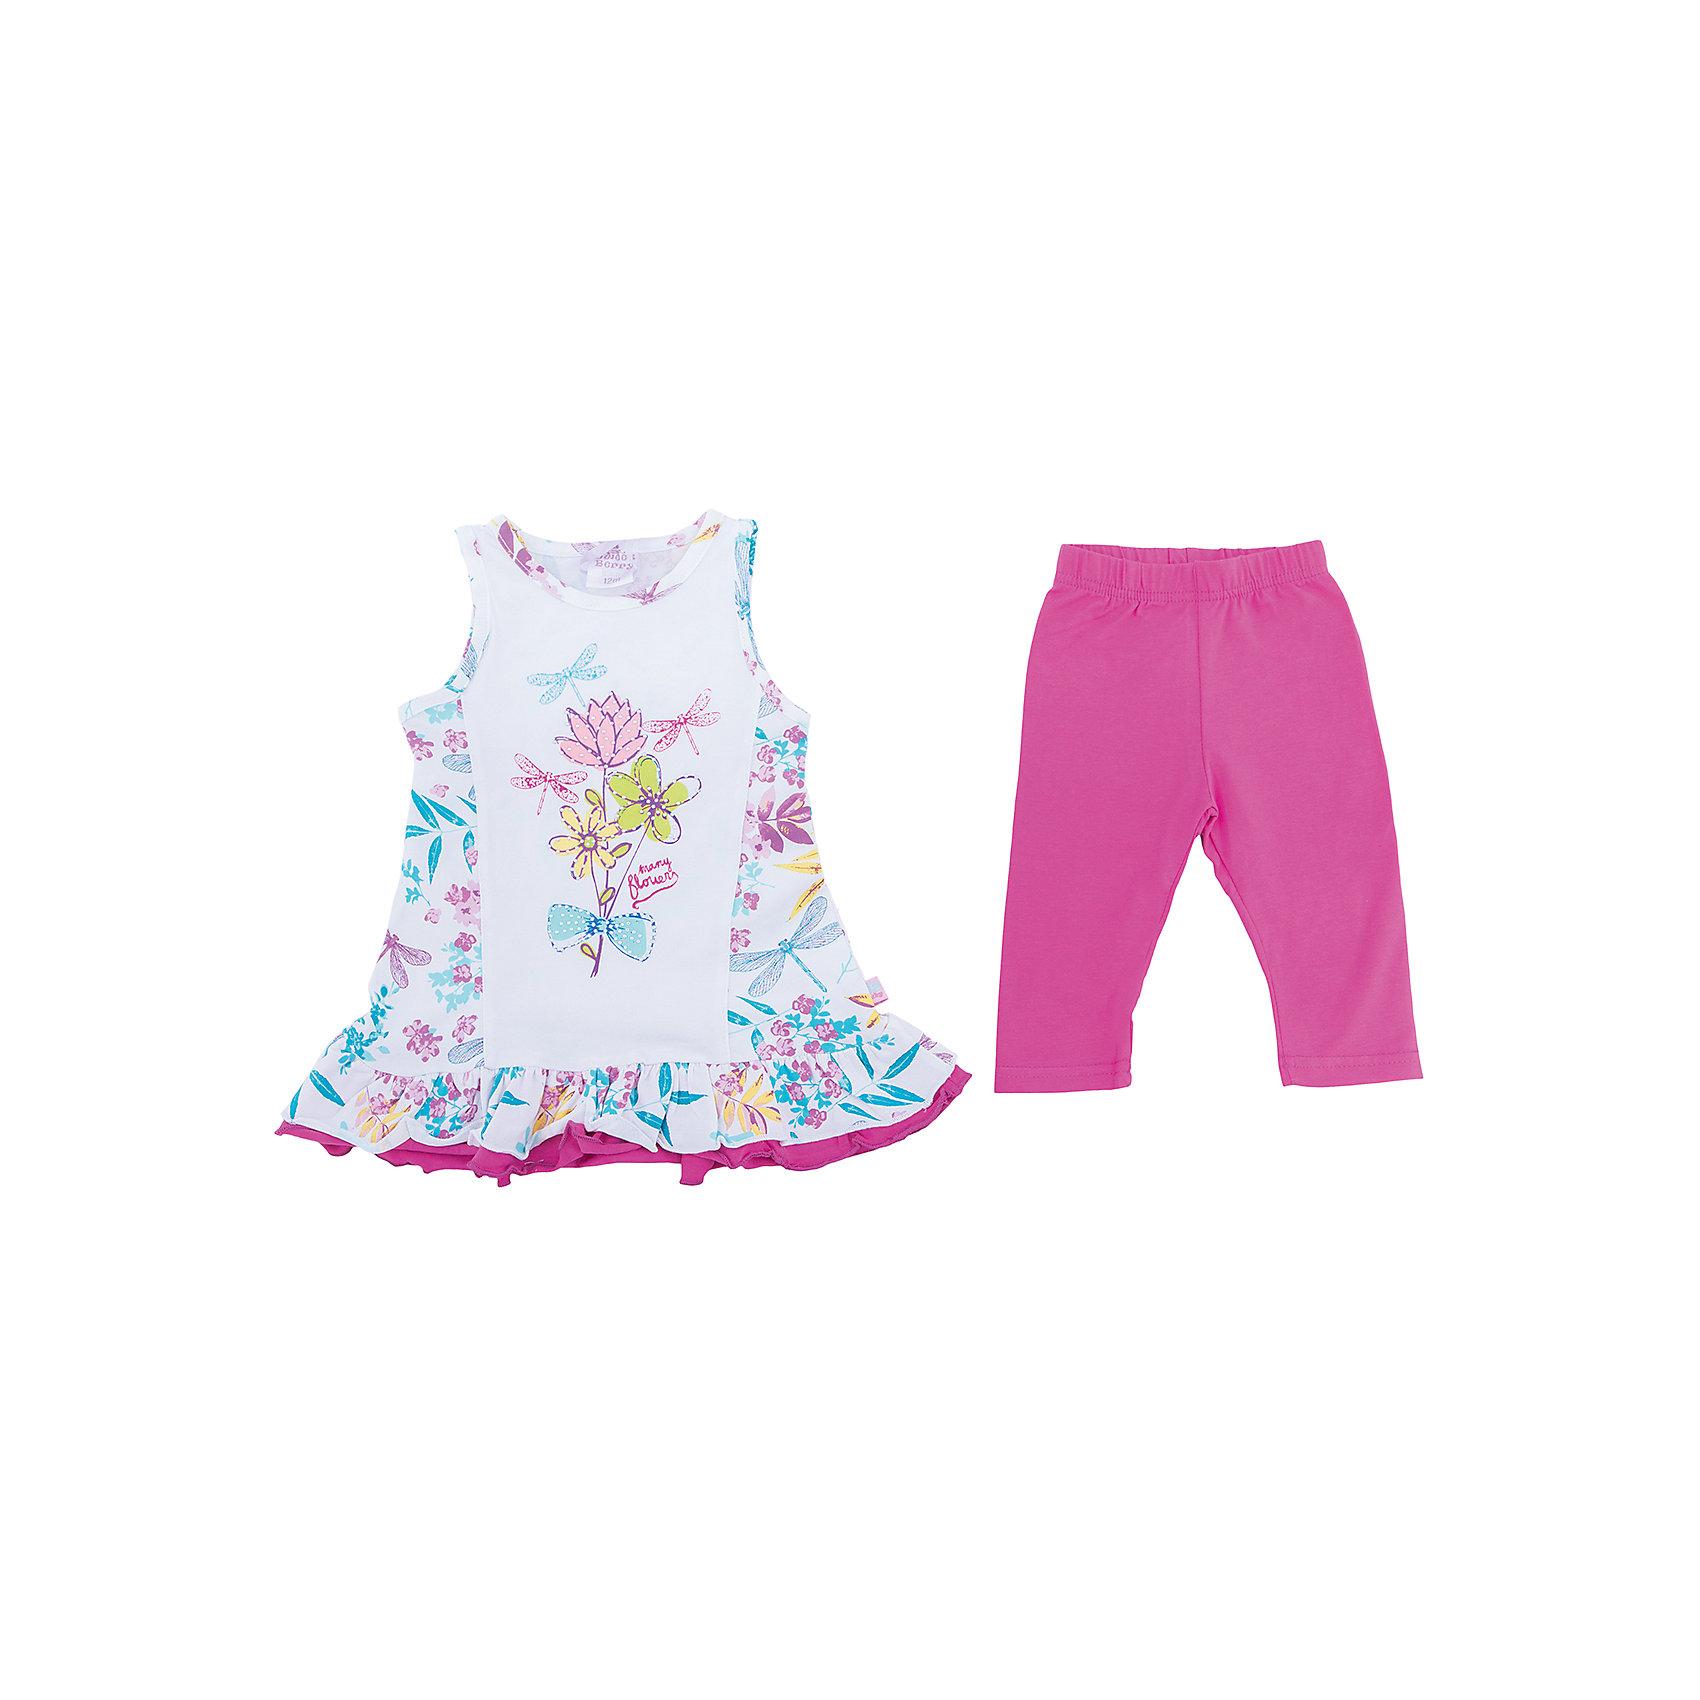 Комплект: платье и леггинсы для девочки Sweet BerryКомплекты<br>Трикотажный комплект для девочки. Платье с цветочным рисунком, свободный крой. Лосины ярко-розового цвета. Эластичный пояс.<br>Состав:<br>95%хлопок 5%эластан<br><br>Ширина мм: 123<br>Глубина мм: 10<br>Высота мм: 149<br>Вес г: 209<br>Цвет: розовый<br>Возраст от месяцев: 12<br>Возраст до месяцев: 15<br>Пол: Женский<br>Возраст: Детский<br>Размер: 80,86,92,98<br>SKU: 5411242